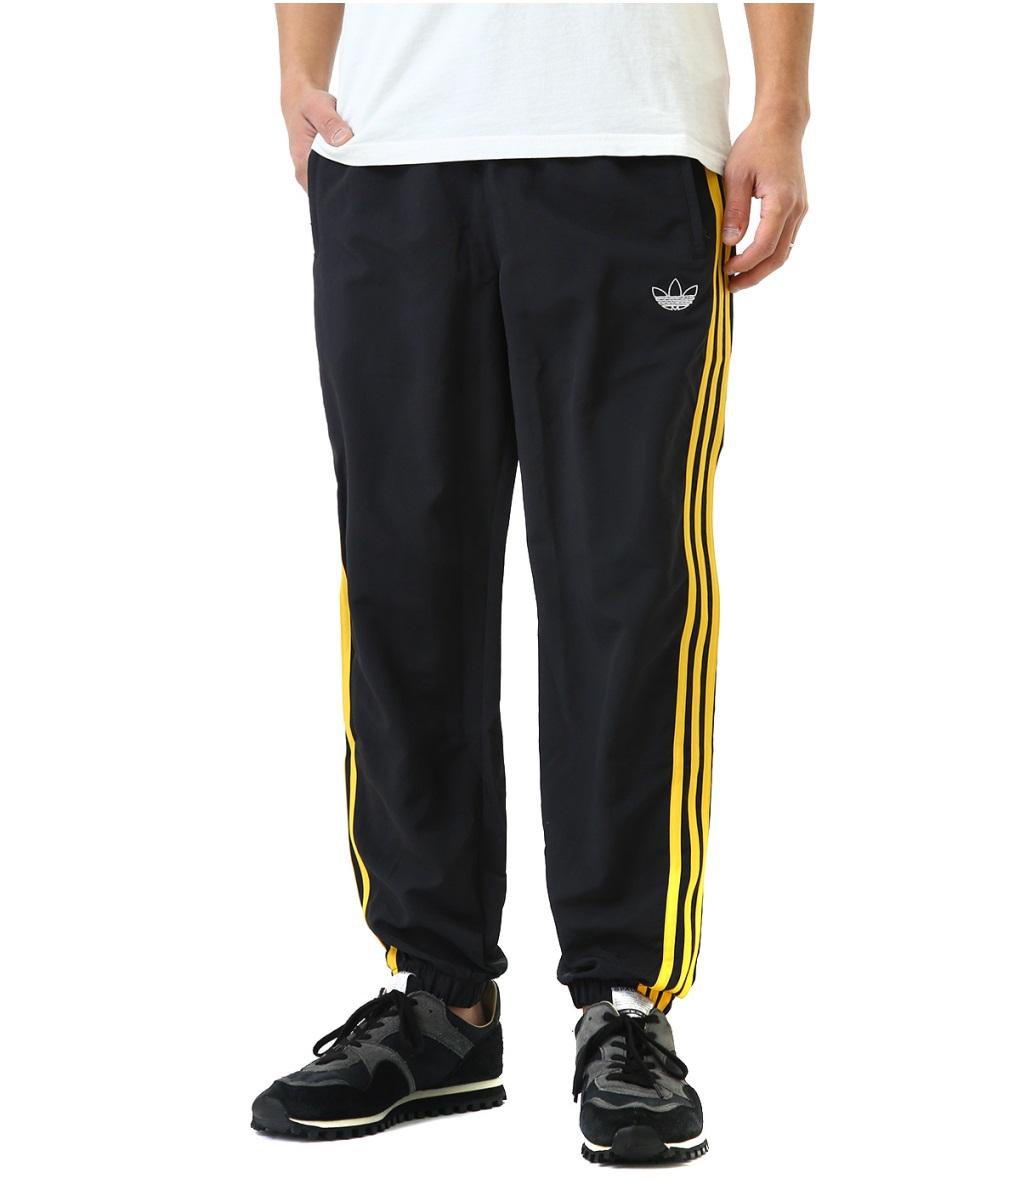 adidas Originals / アディダス オリジナルス : 【メンズ】WOVEN BLOCK PANTS : ウーブン ブロック パンツ メンズ : DV3142 【WAX】【PIE】